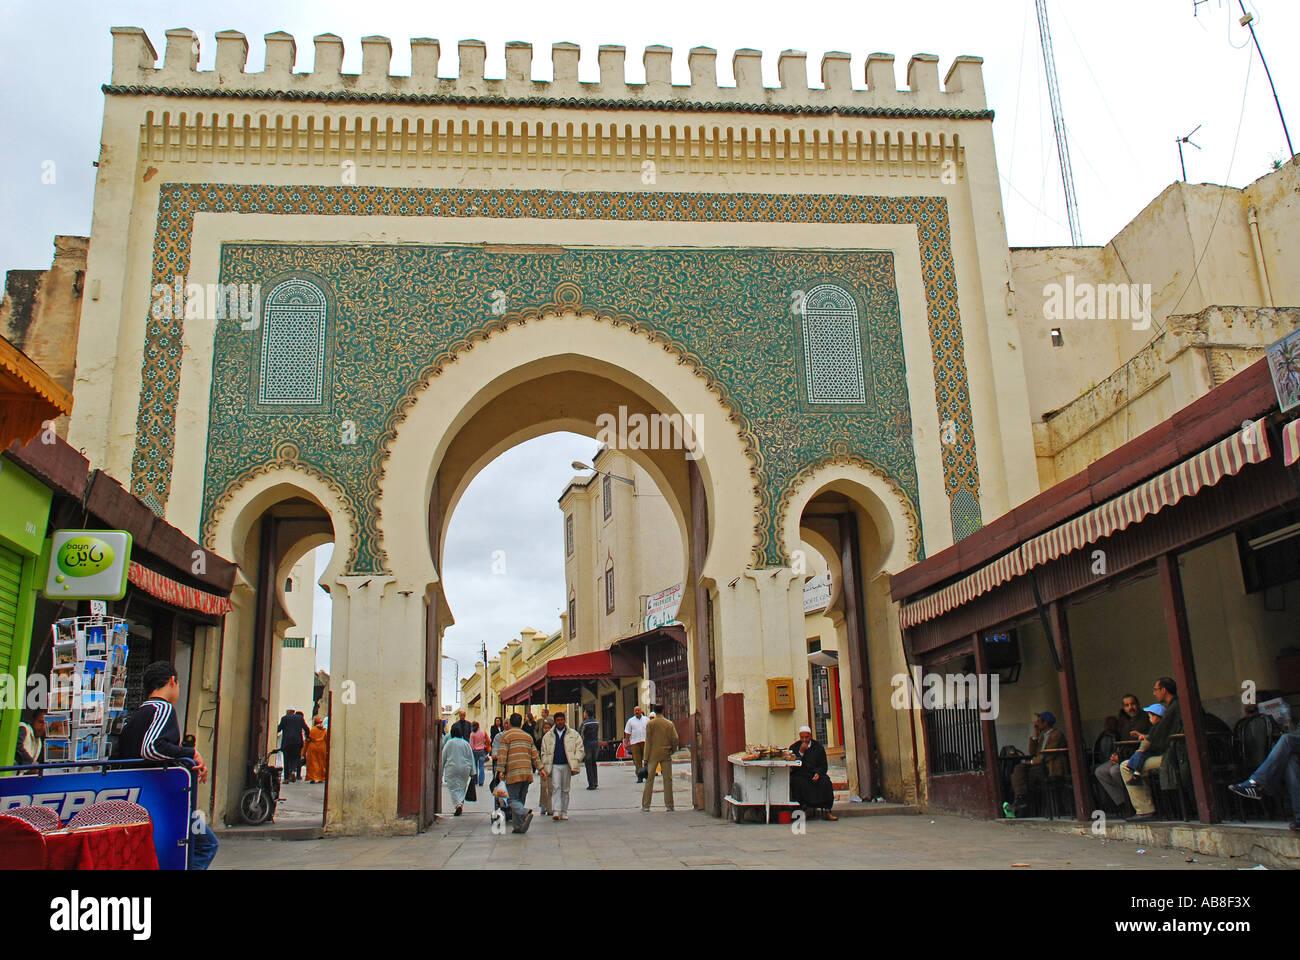 Morokko Photos & Morokko Images - Alamy